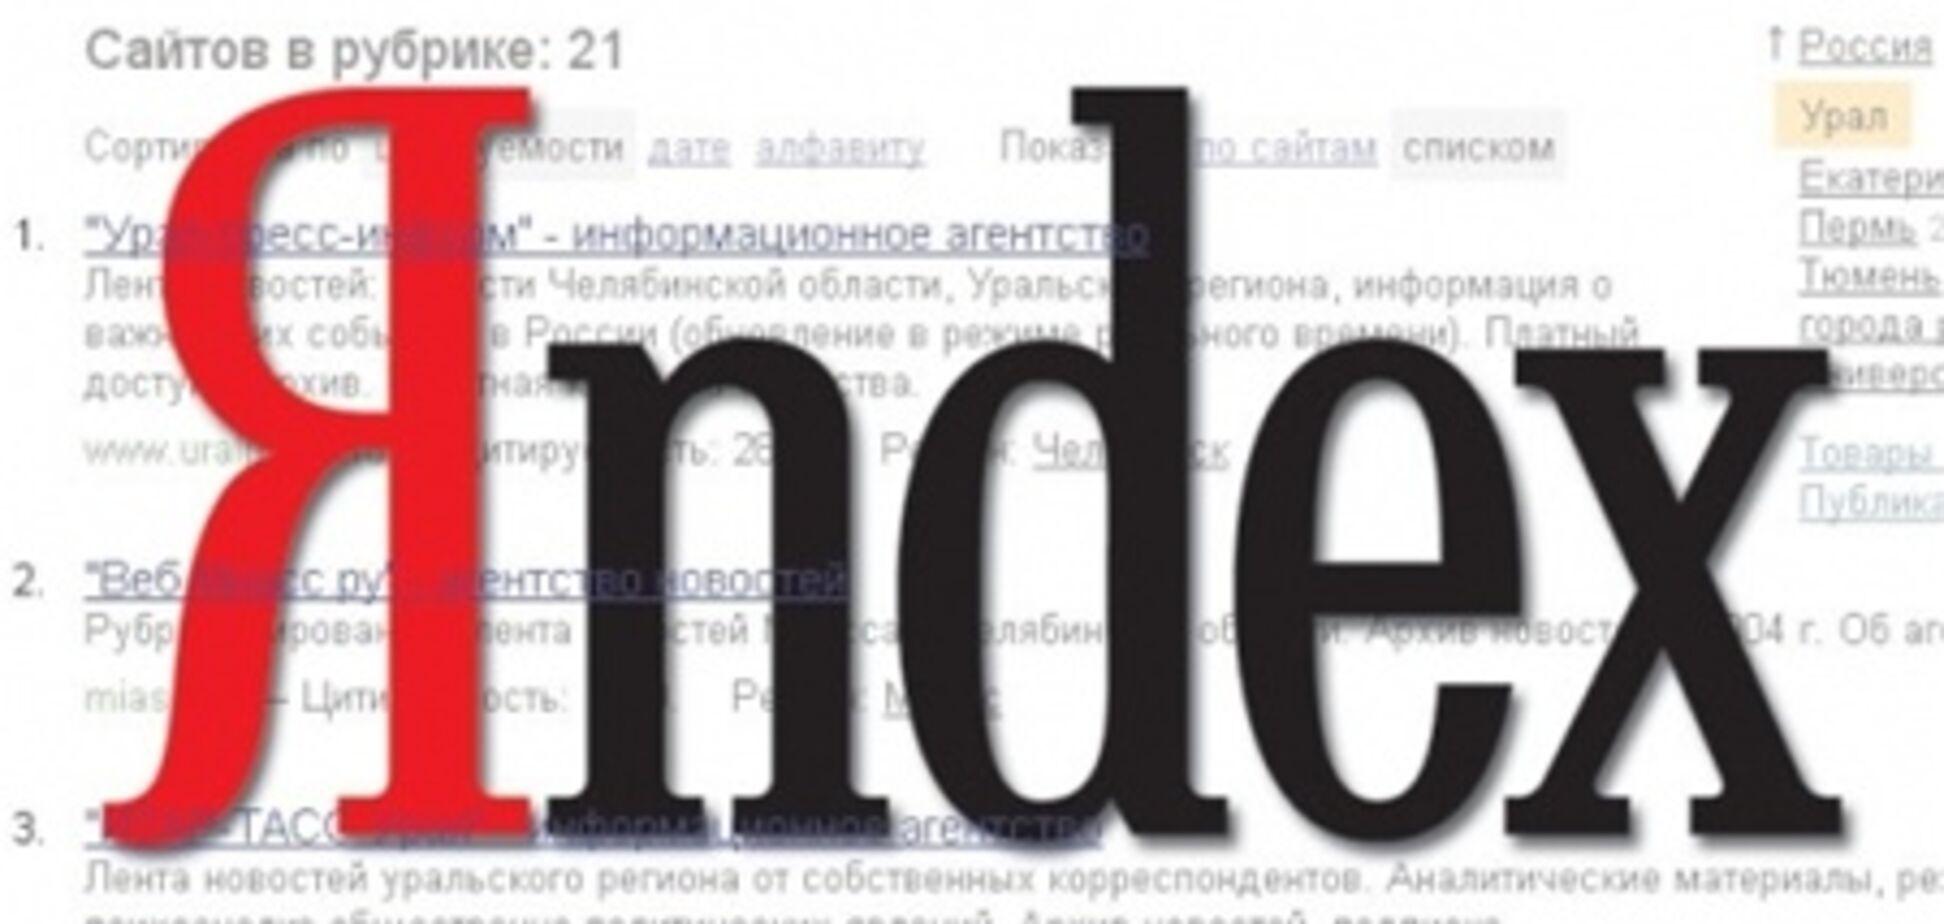 Яндекс во втором квартале сумел заработать $162 миллиона